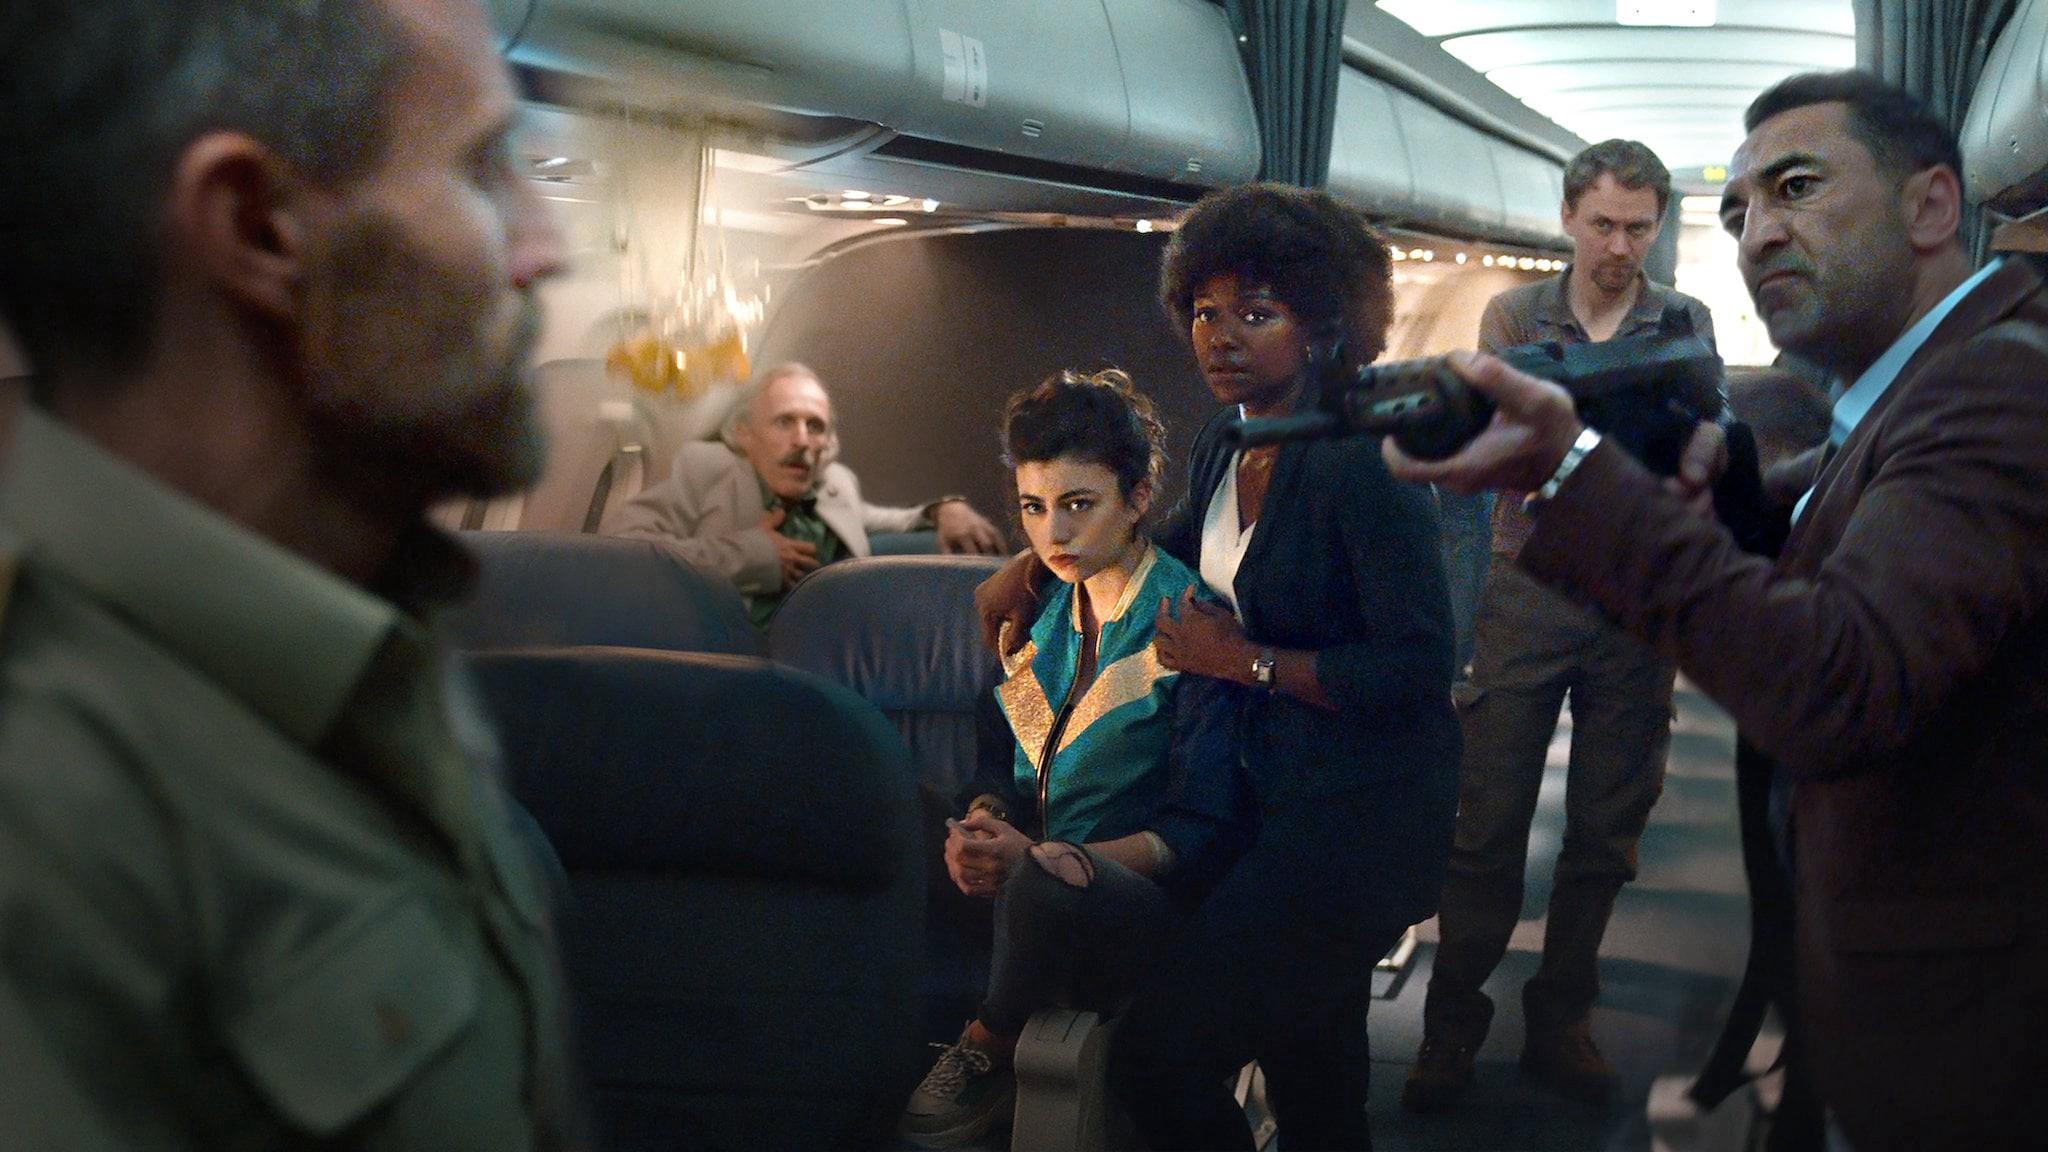 Какие сериалы смотреть в мае 2020? «Агенты Щ.И.Т.», сериал «Сквозь снег», «Рик и Морти» 4